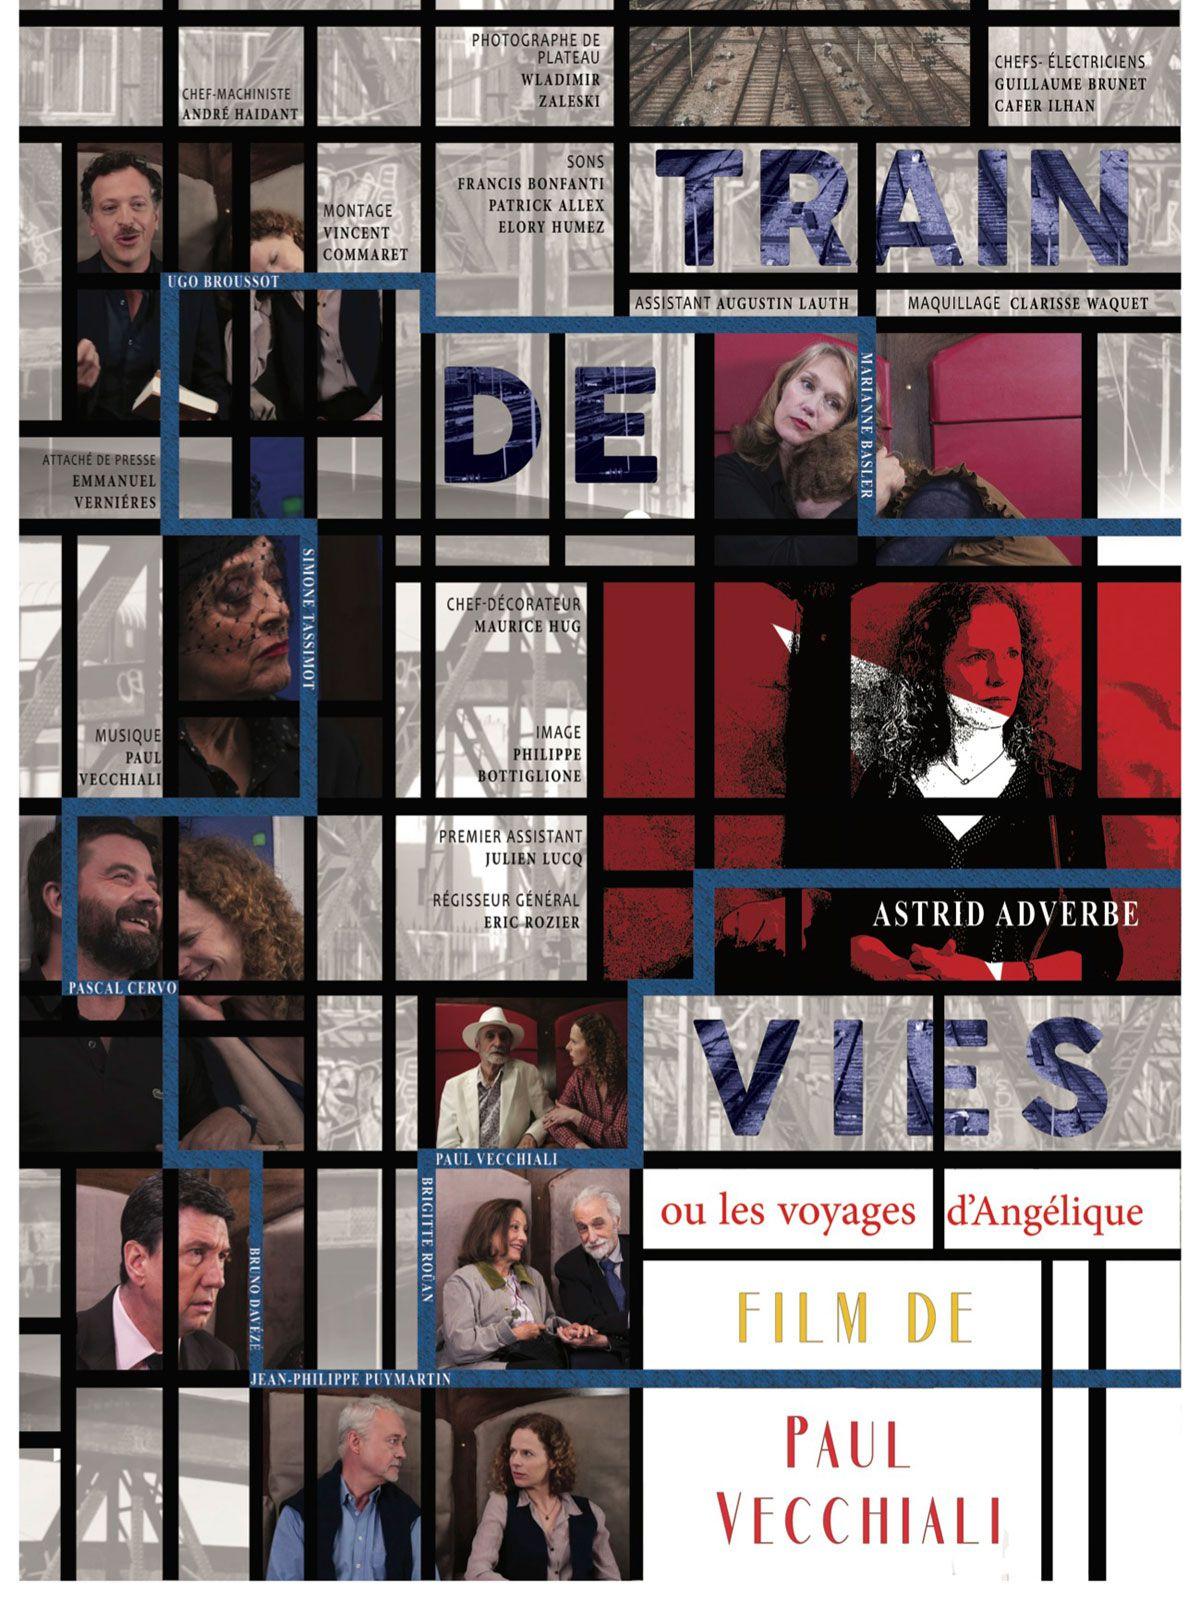 Train de vies ou les voyages d'Angélique - Film (2018)